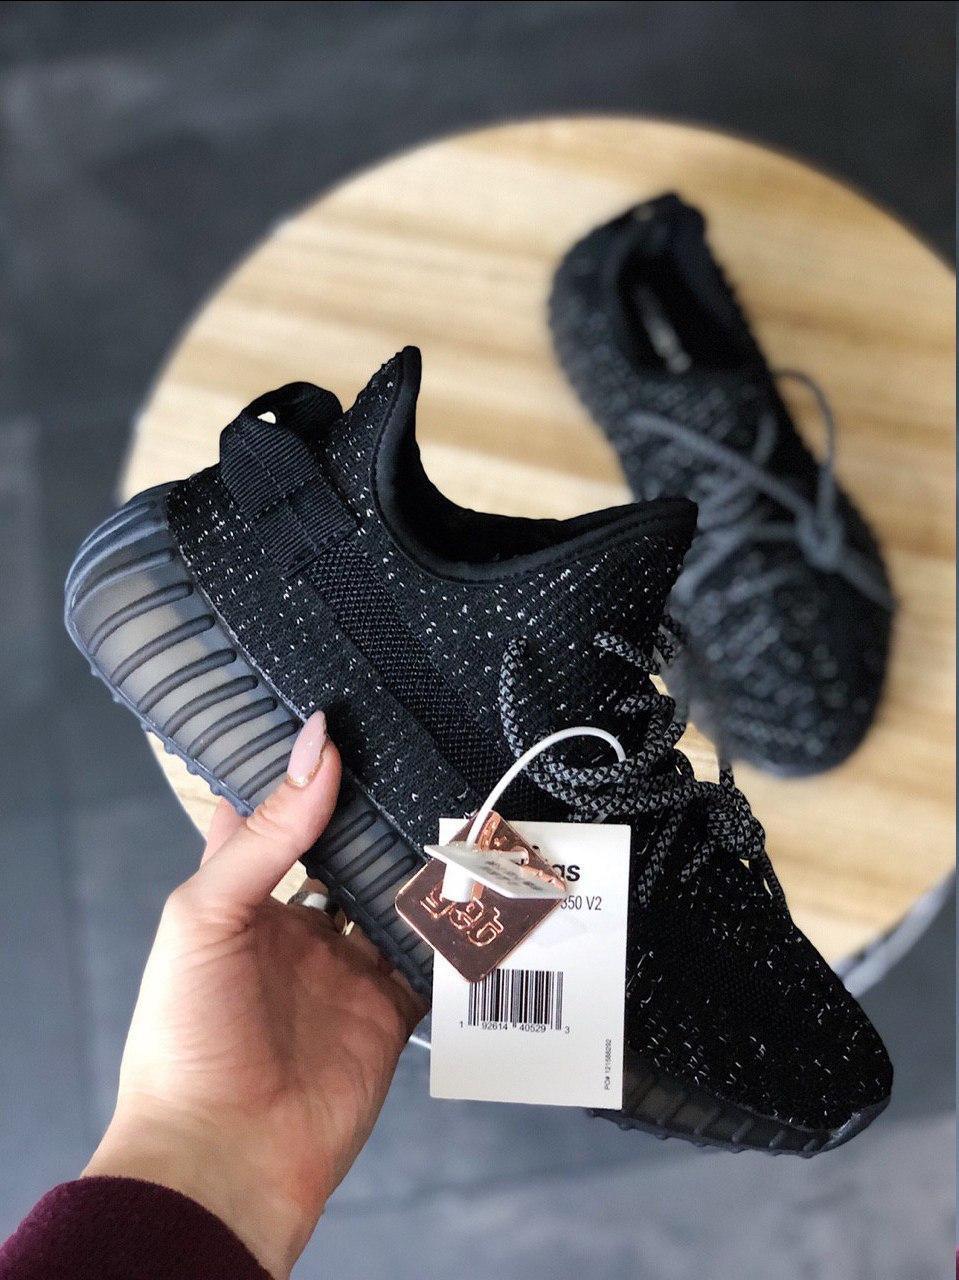 Yeezy 350 v2 static reflective Black